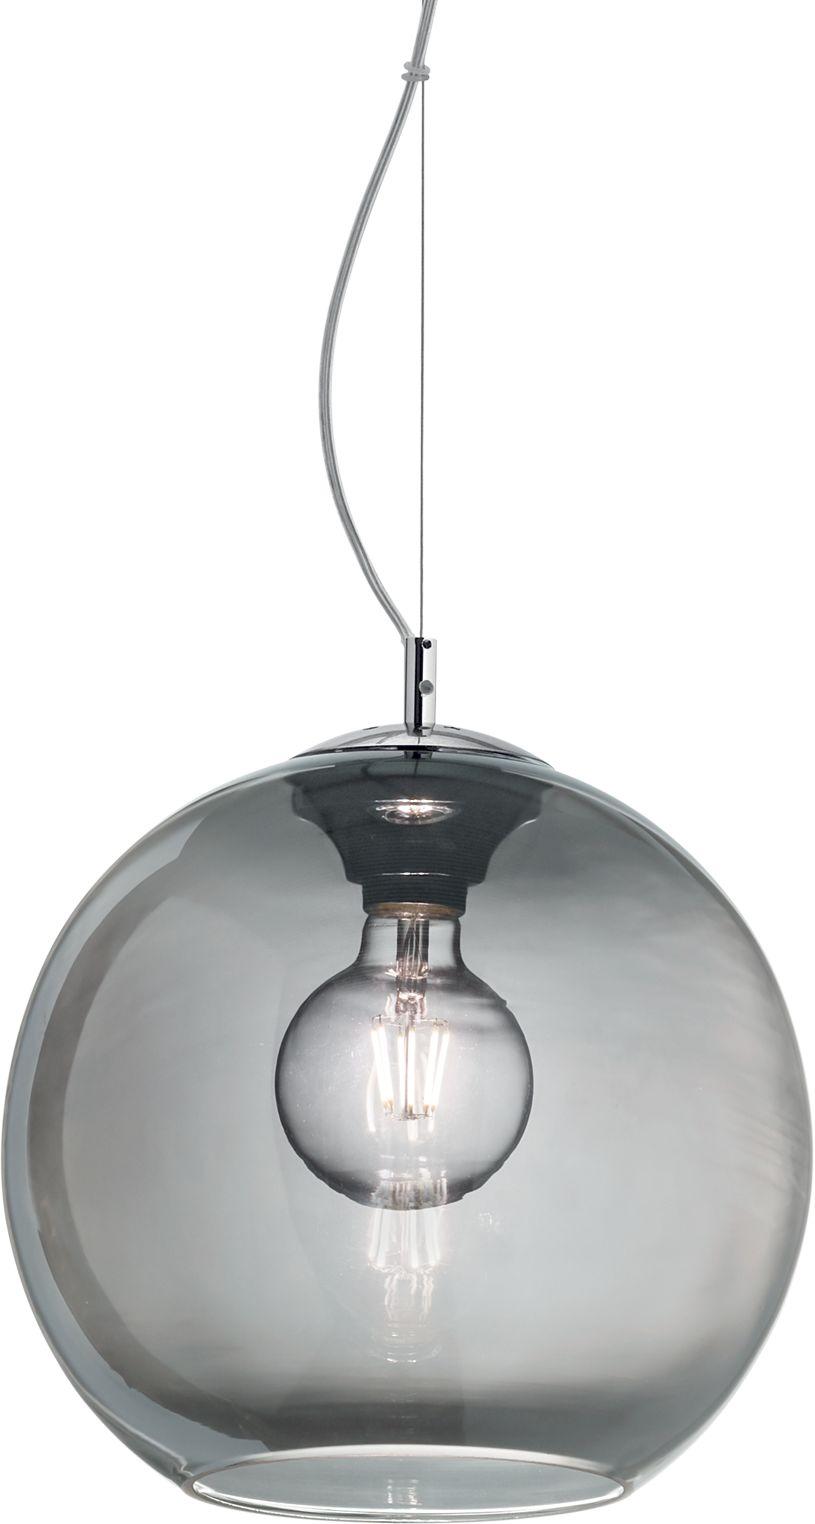 Lampa wisząca Nemo 250311 Ideal Lux szklana oprawa w stylu design